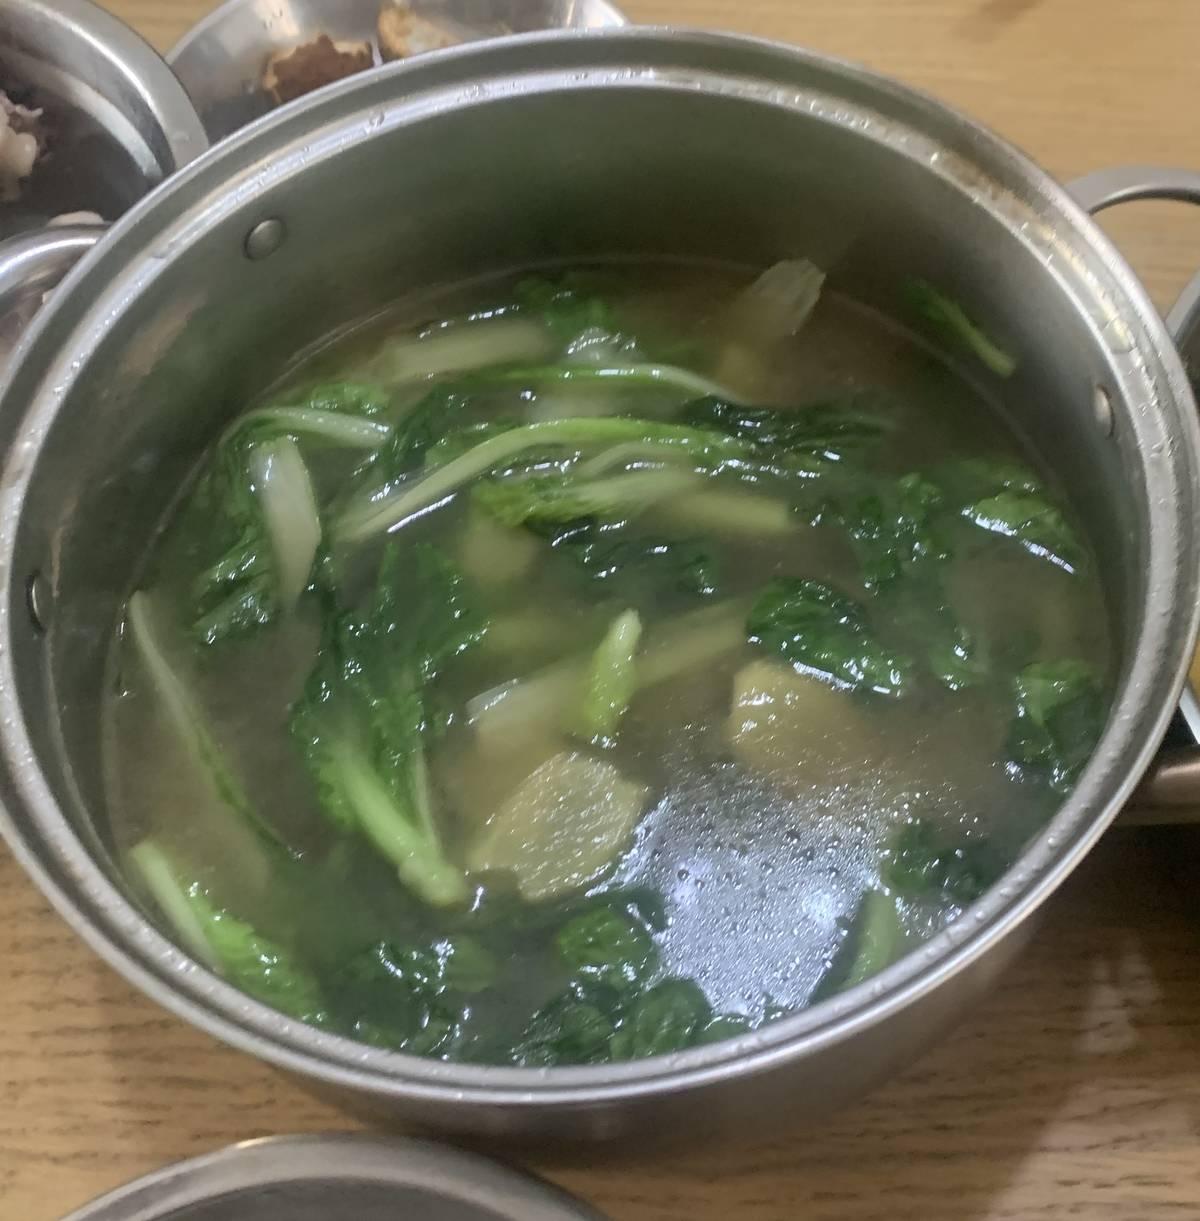 多余的鸡汤还可以煮份青菜,据说比鸡肉还好吃😋